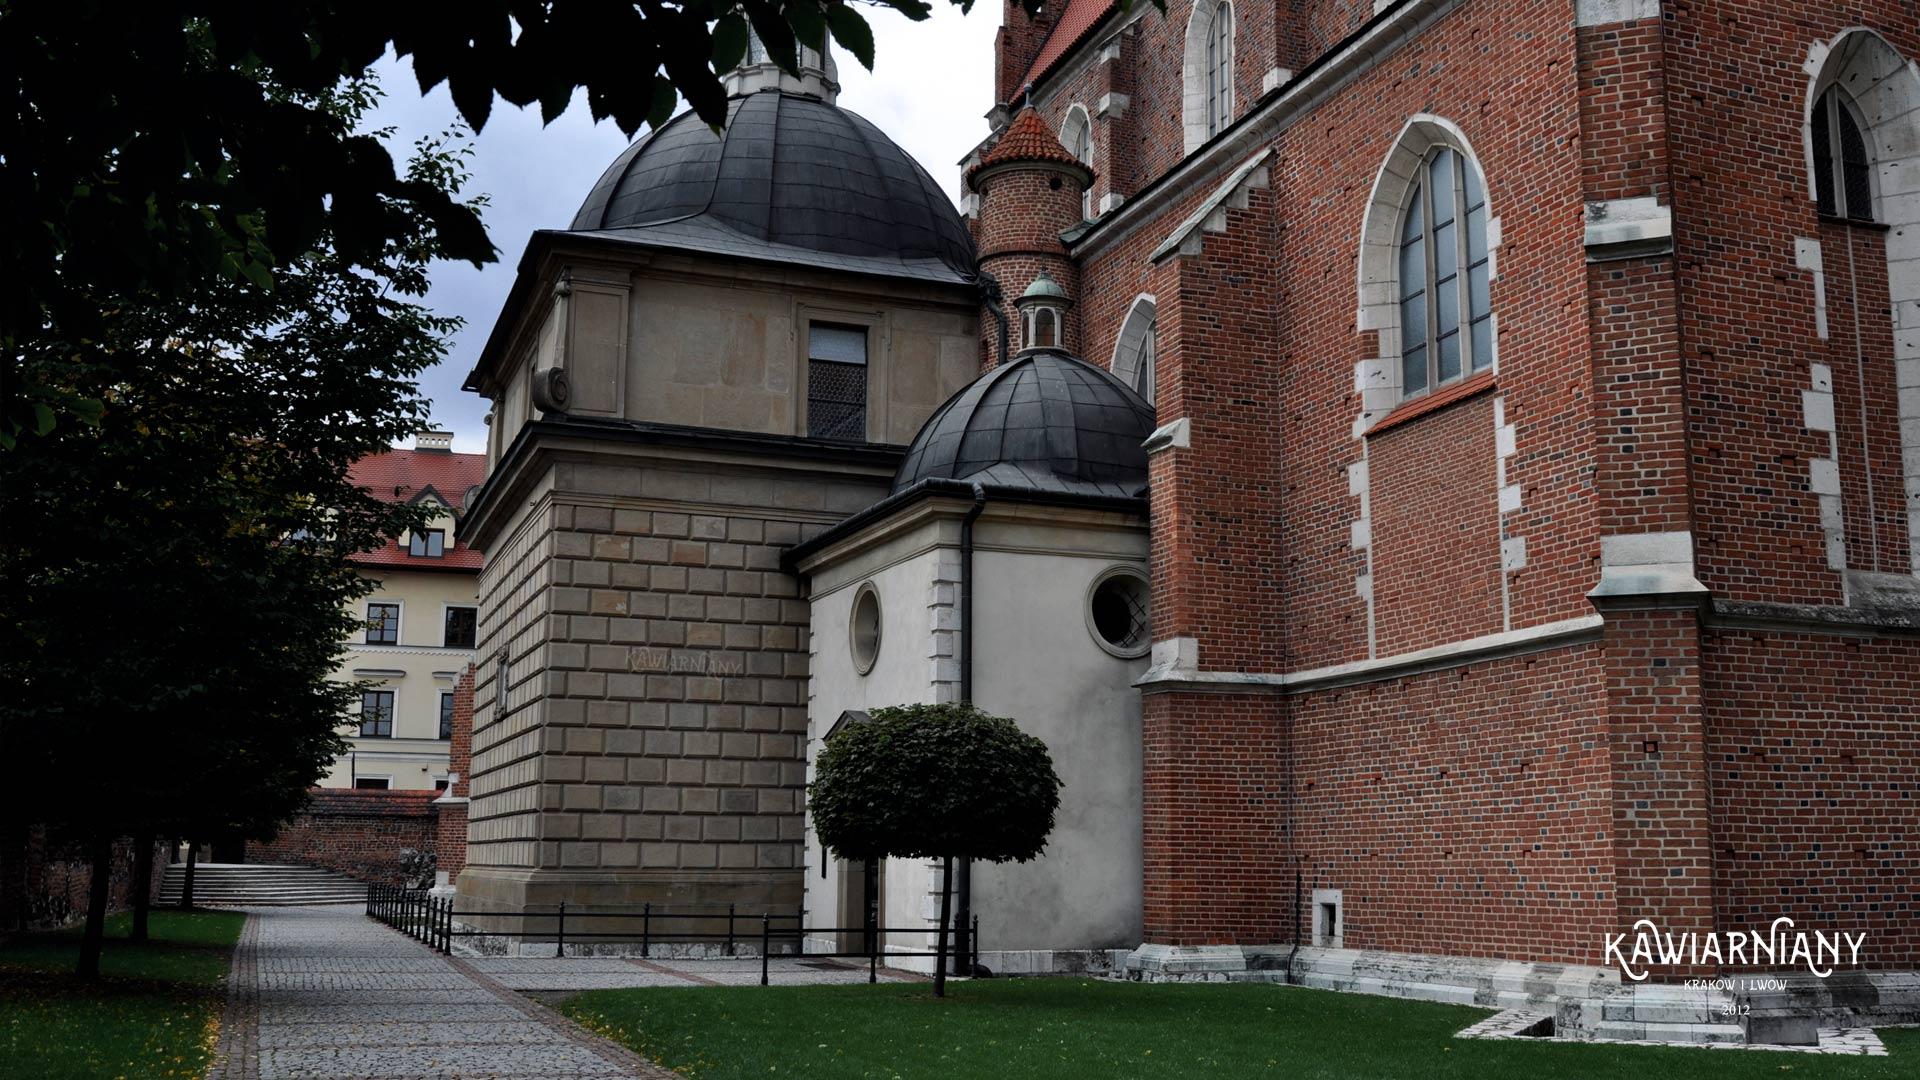 10 ciekawych miejsc, które warto zwiedzić na Kazimierzu. Co zobaczyć?